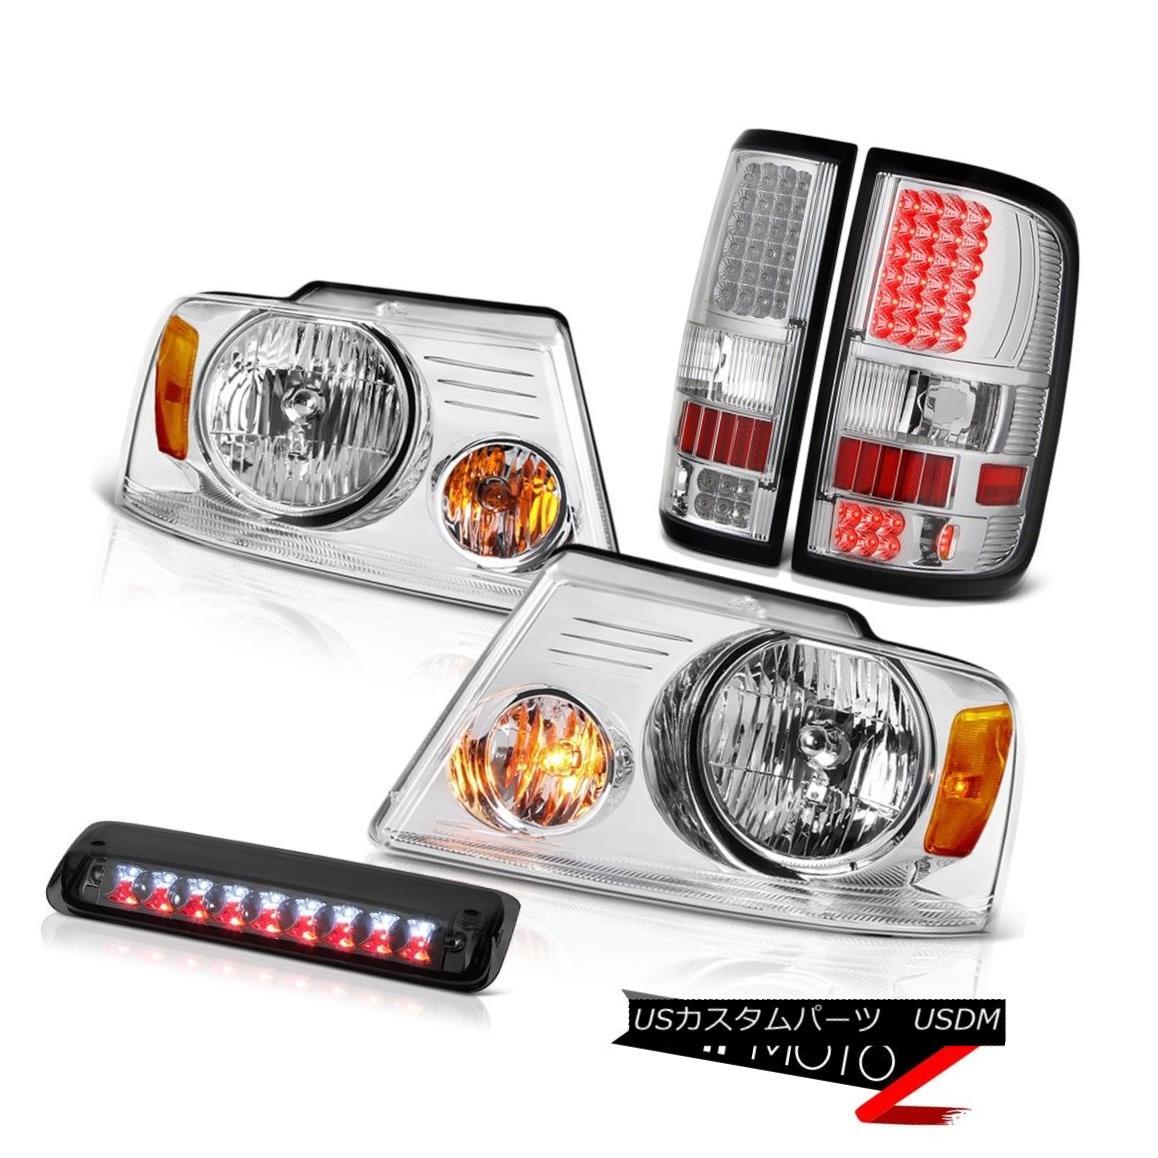 テールライト 04-08 Ford F150 XL Chrome Headlamps 3RD Brake Lamp Rear Lamps LED